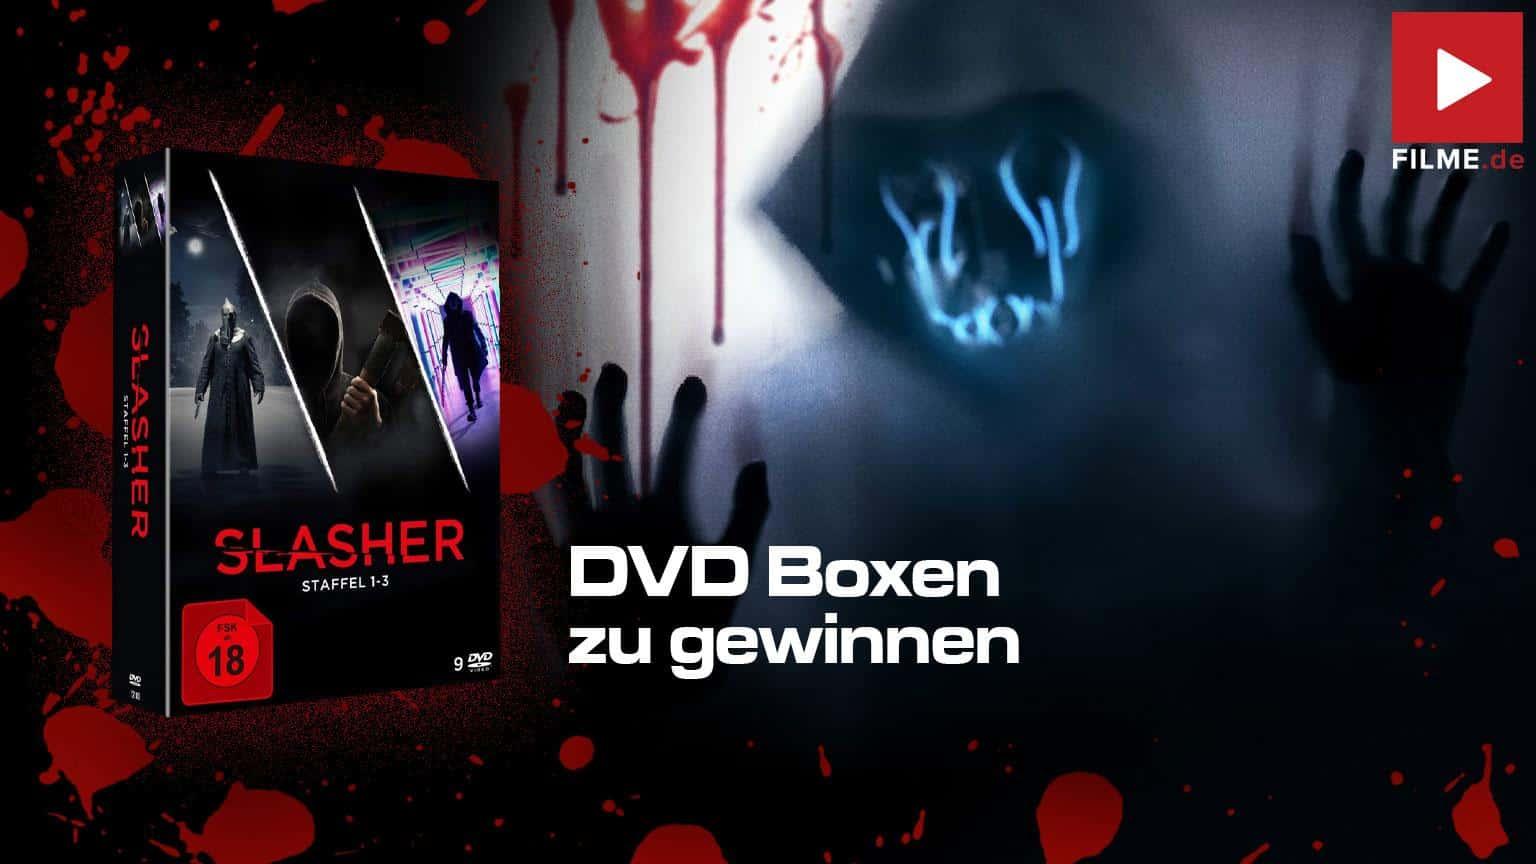 Slasher Staffel 1 - 3 Gesamtbox Blz-ray DVD Gewinnspiel Artikelbild shop kaufen gewinnen Artikelbild